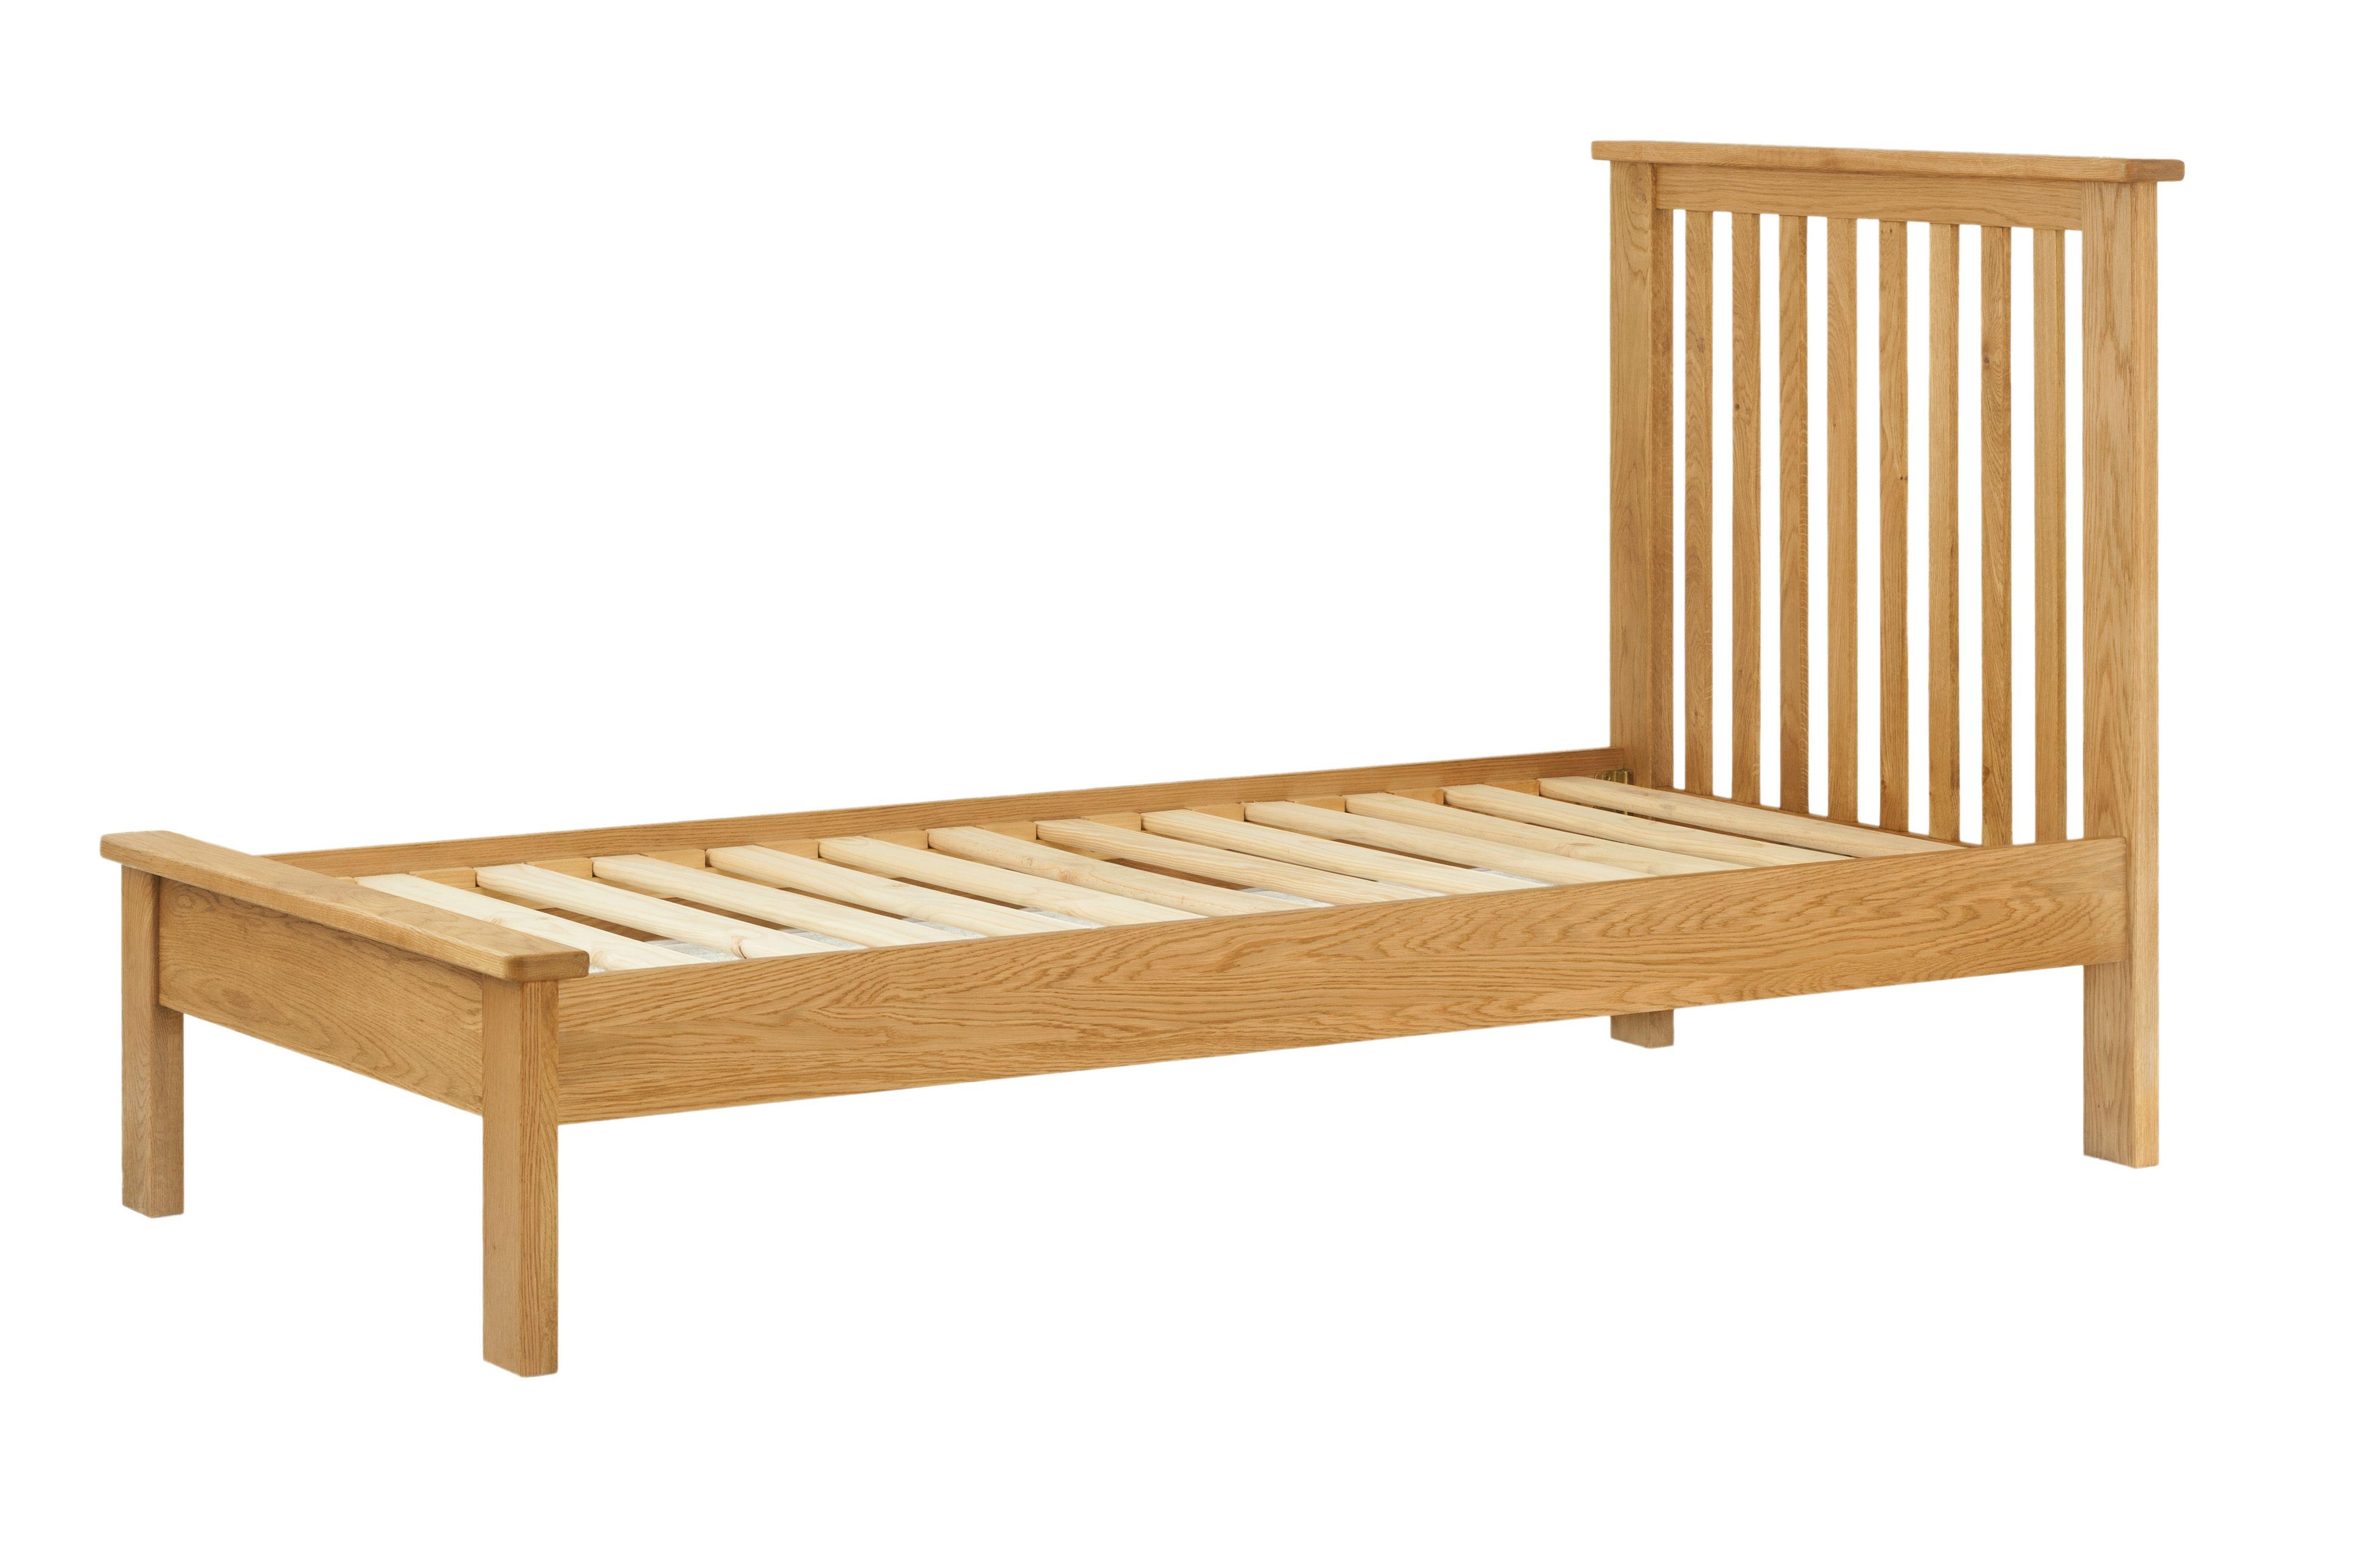 PRESTON GRAND 3'0 Bed